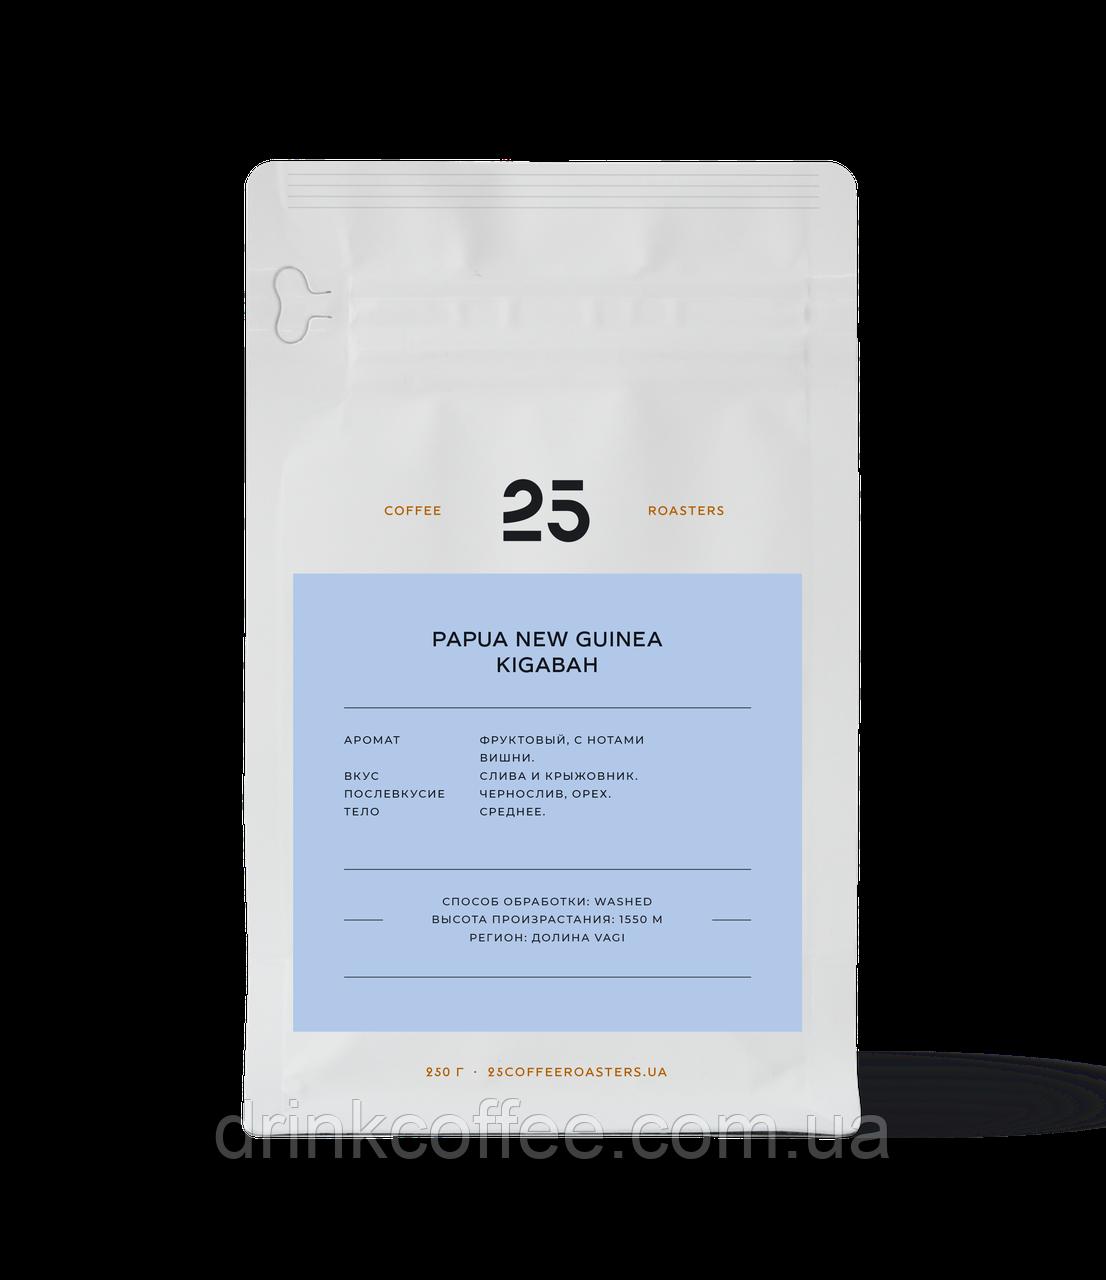 Кофе Папуа Новая Гвинея, зерно, 25 Coffee Roasters, 1кг